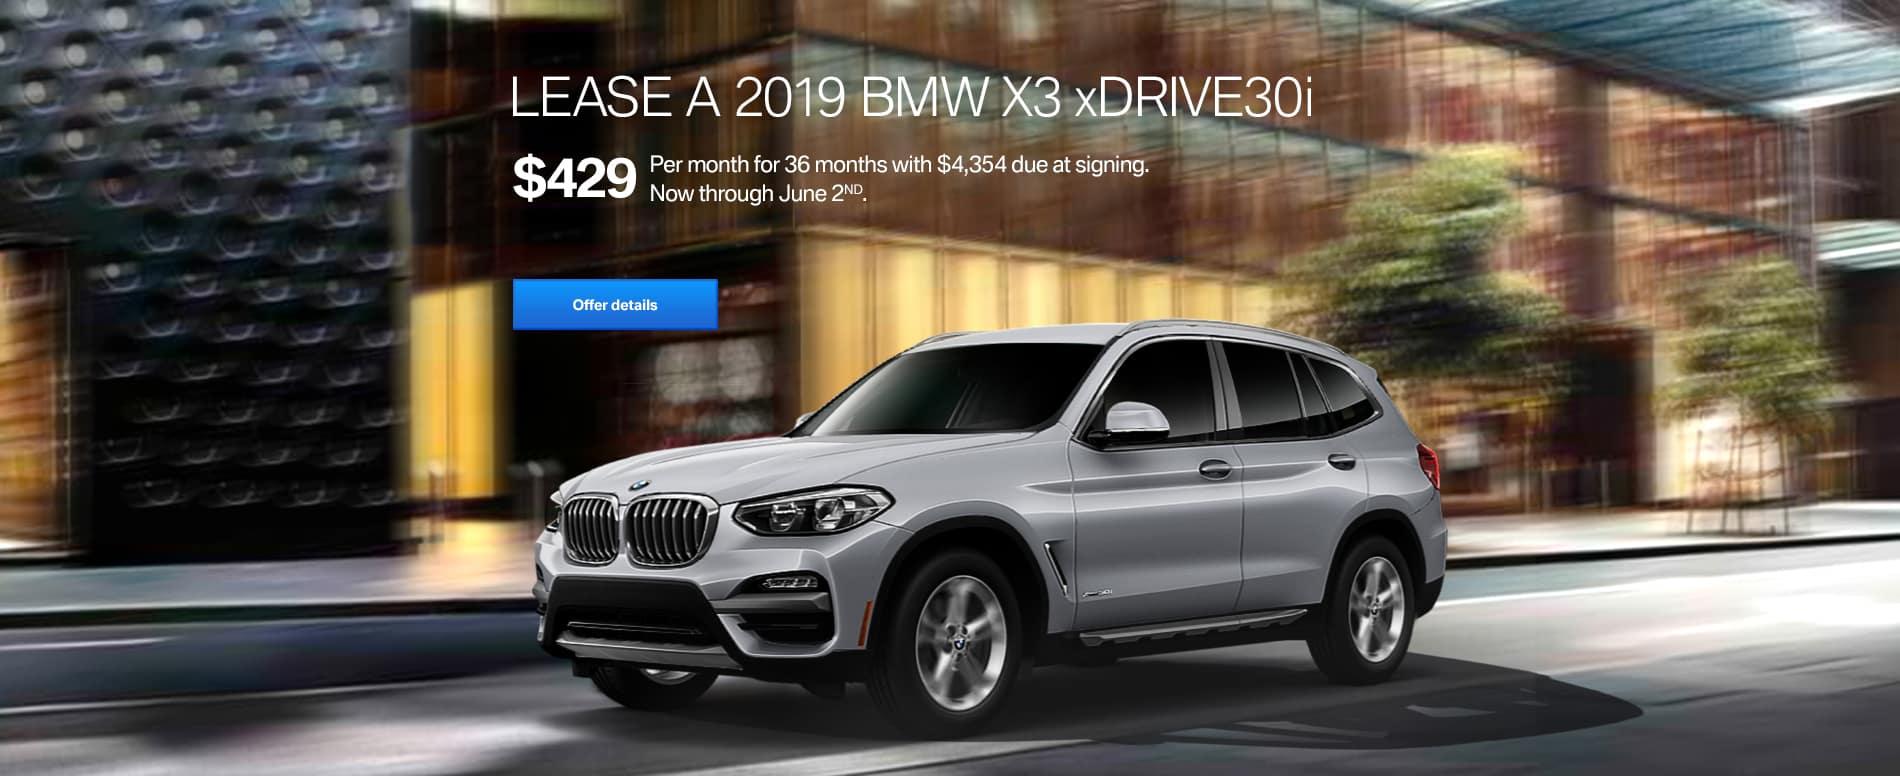 2019_BMW_X3_xDrive30i_$429